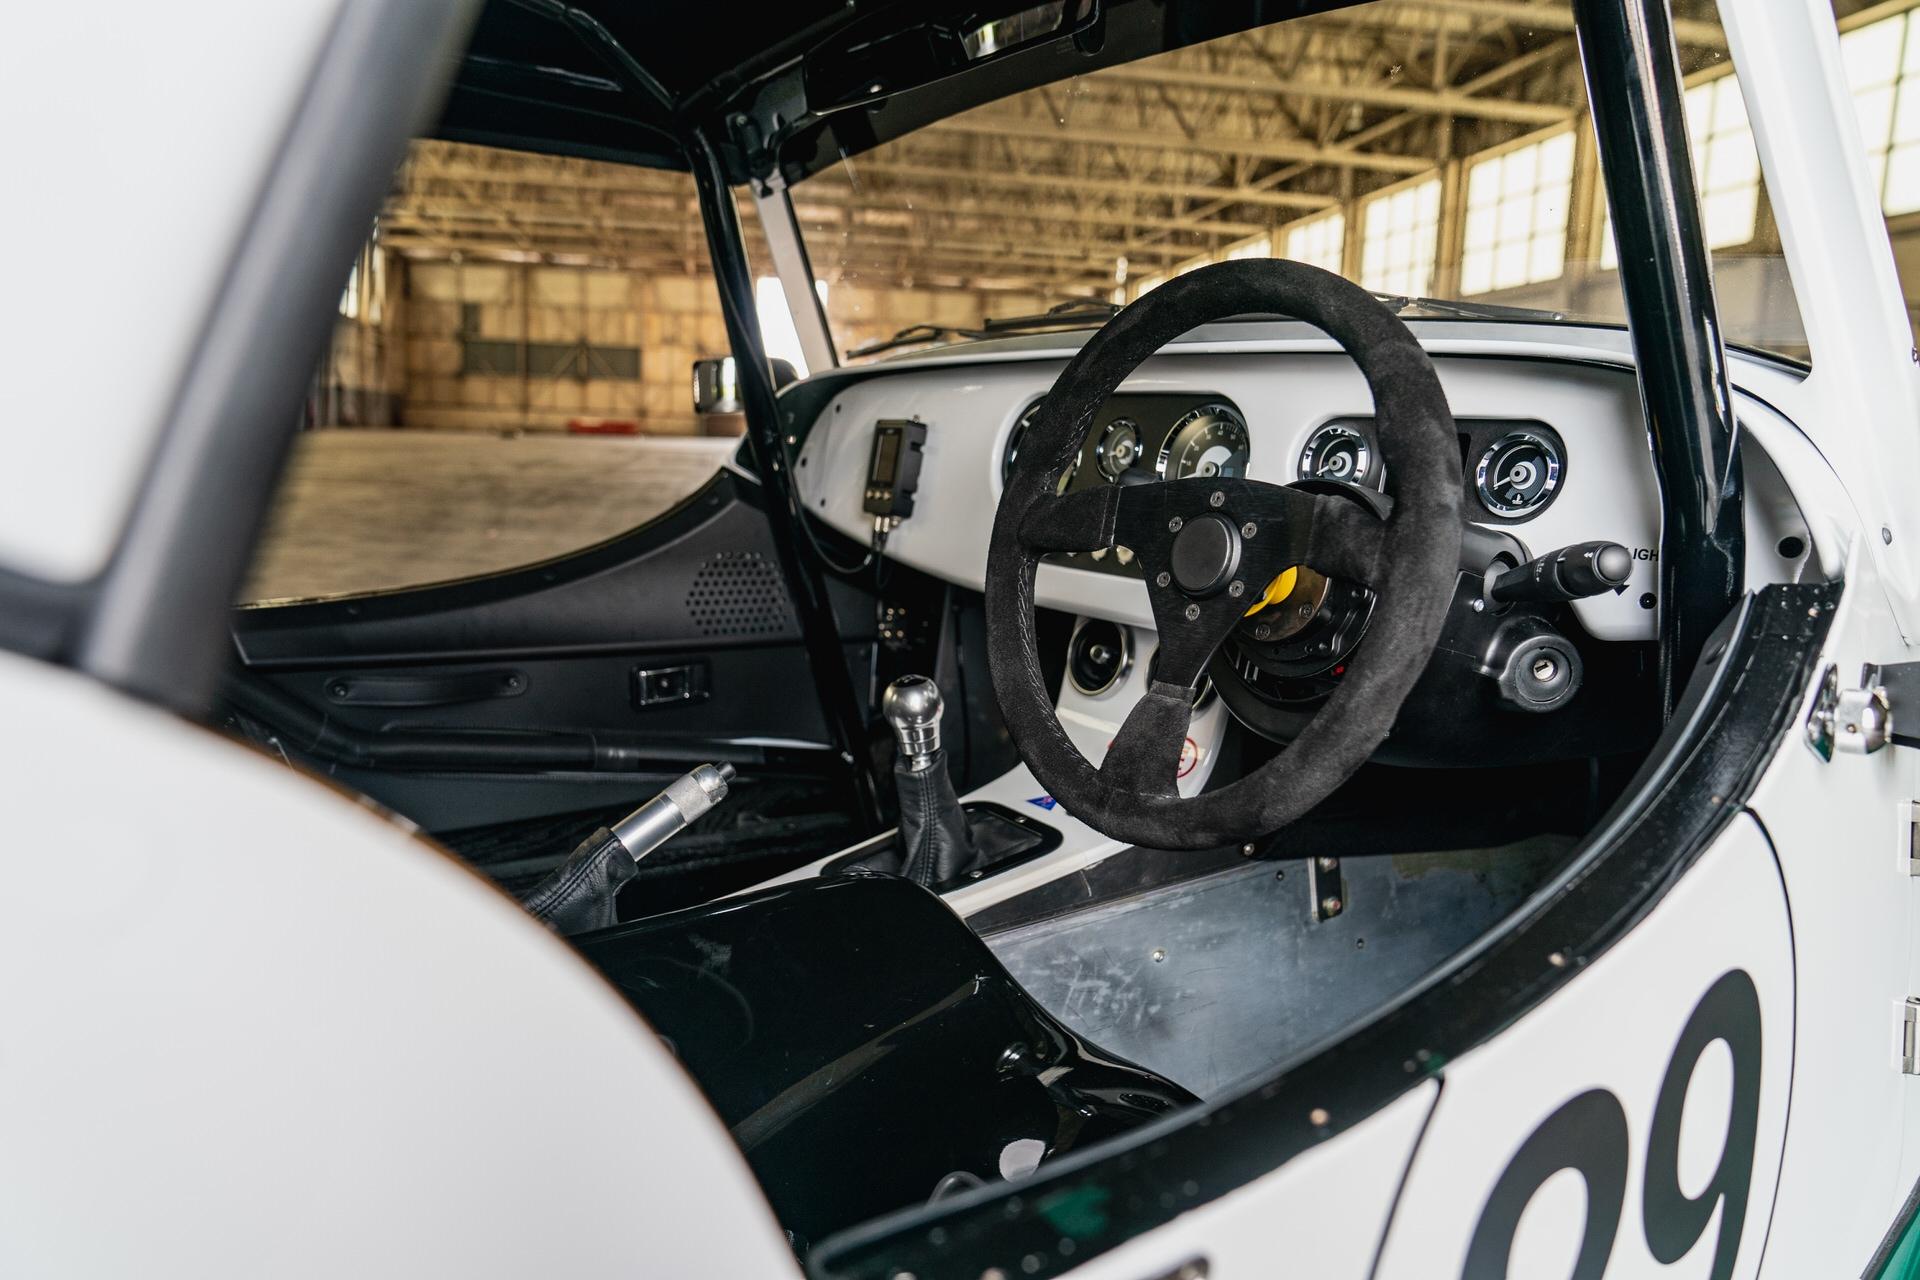 Morgan Plus Four racer cockpit